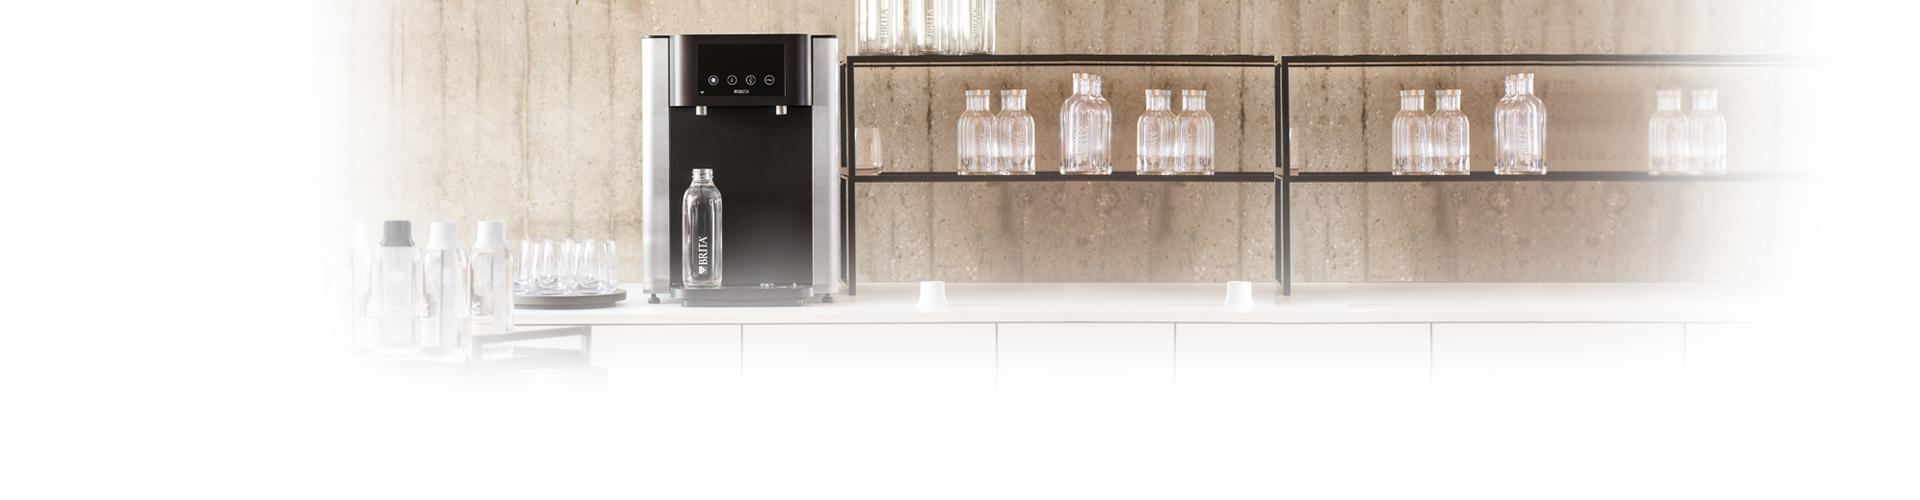 Watermachine met gefilterd water voor horeca